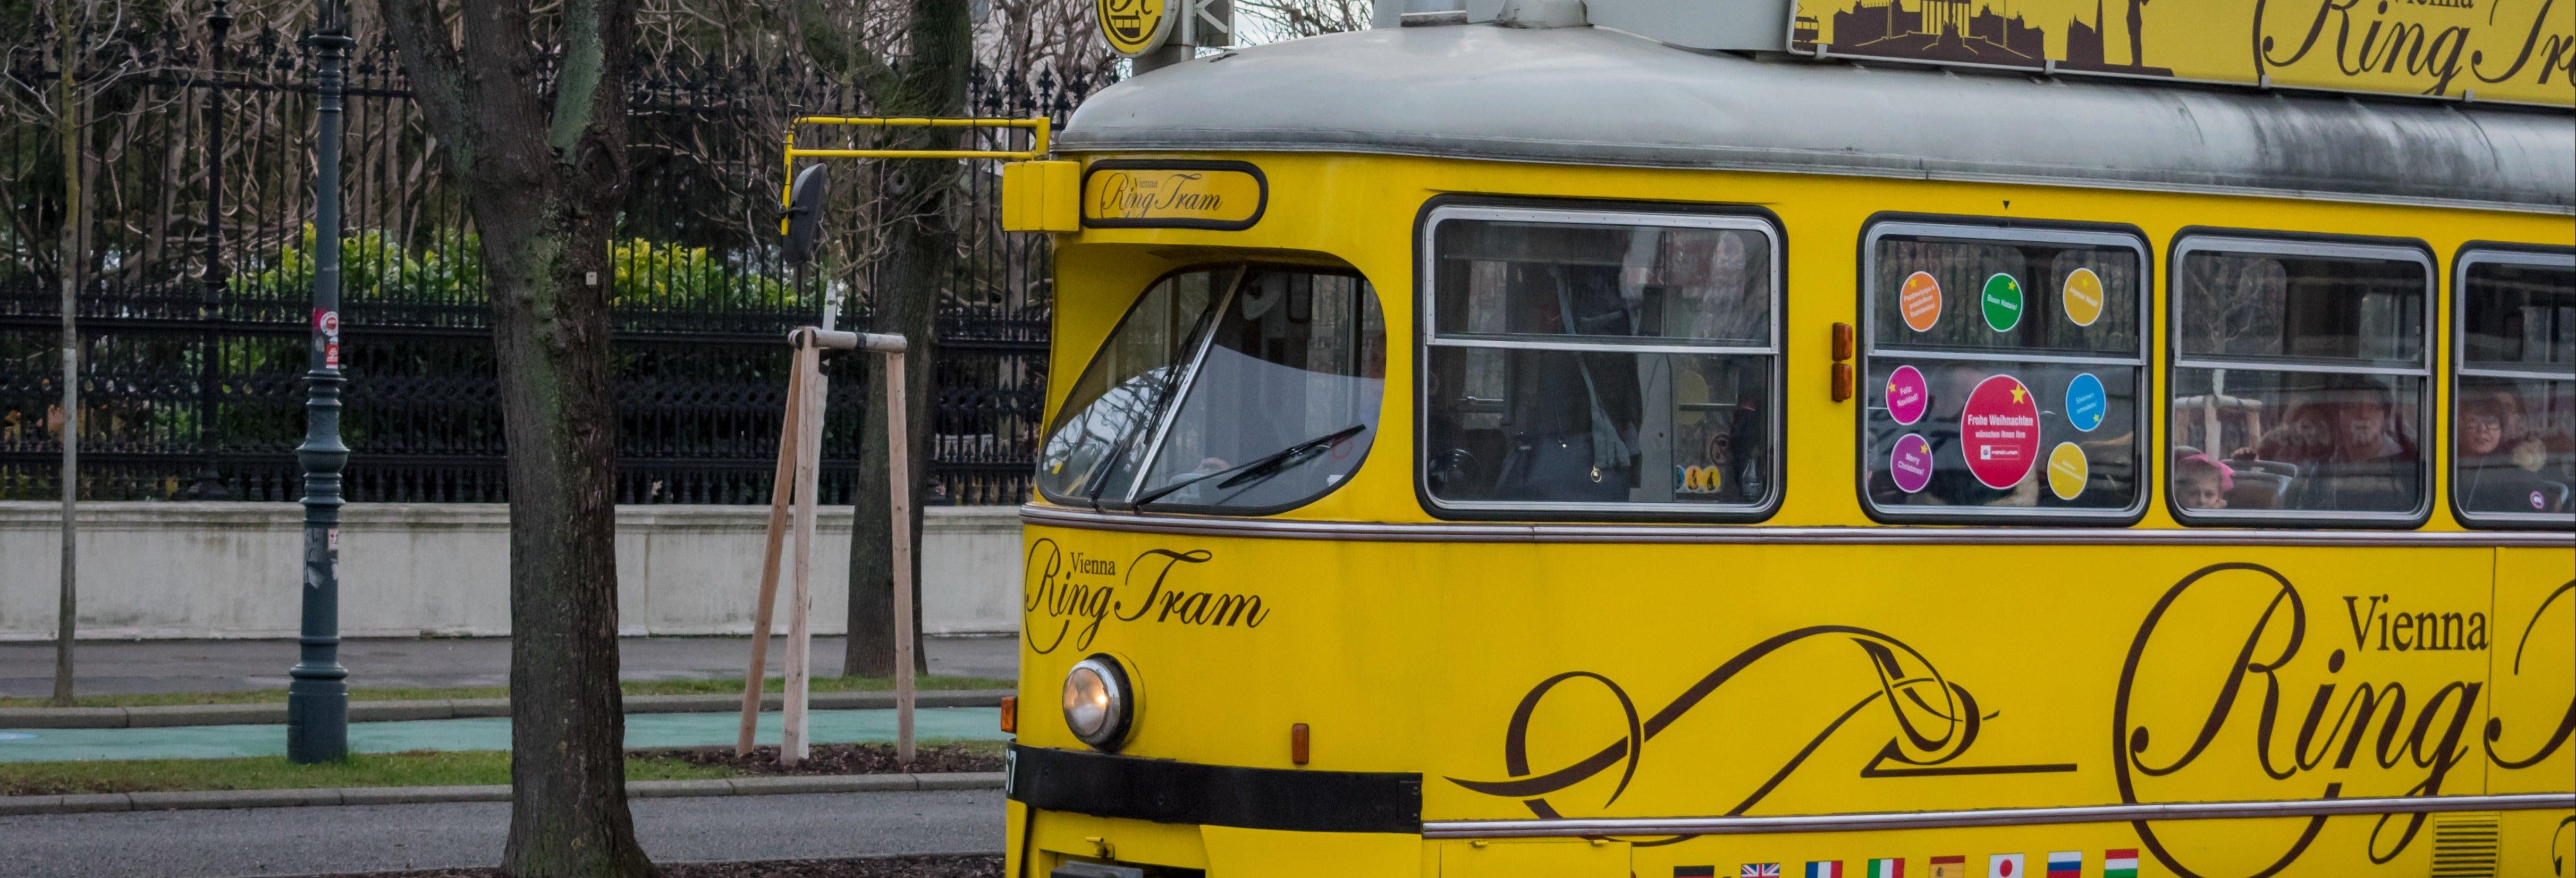 Bonde turístico de Viena